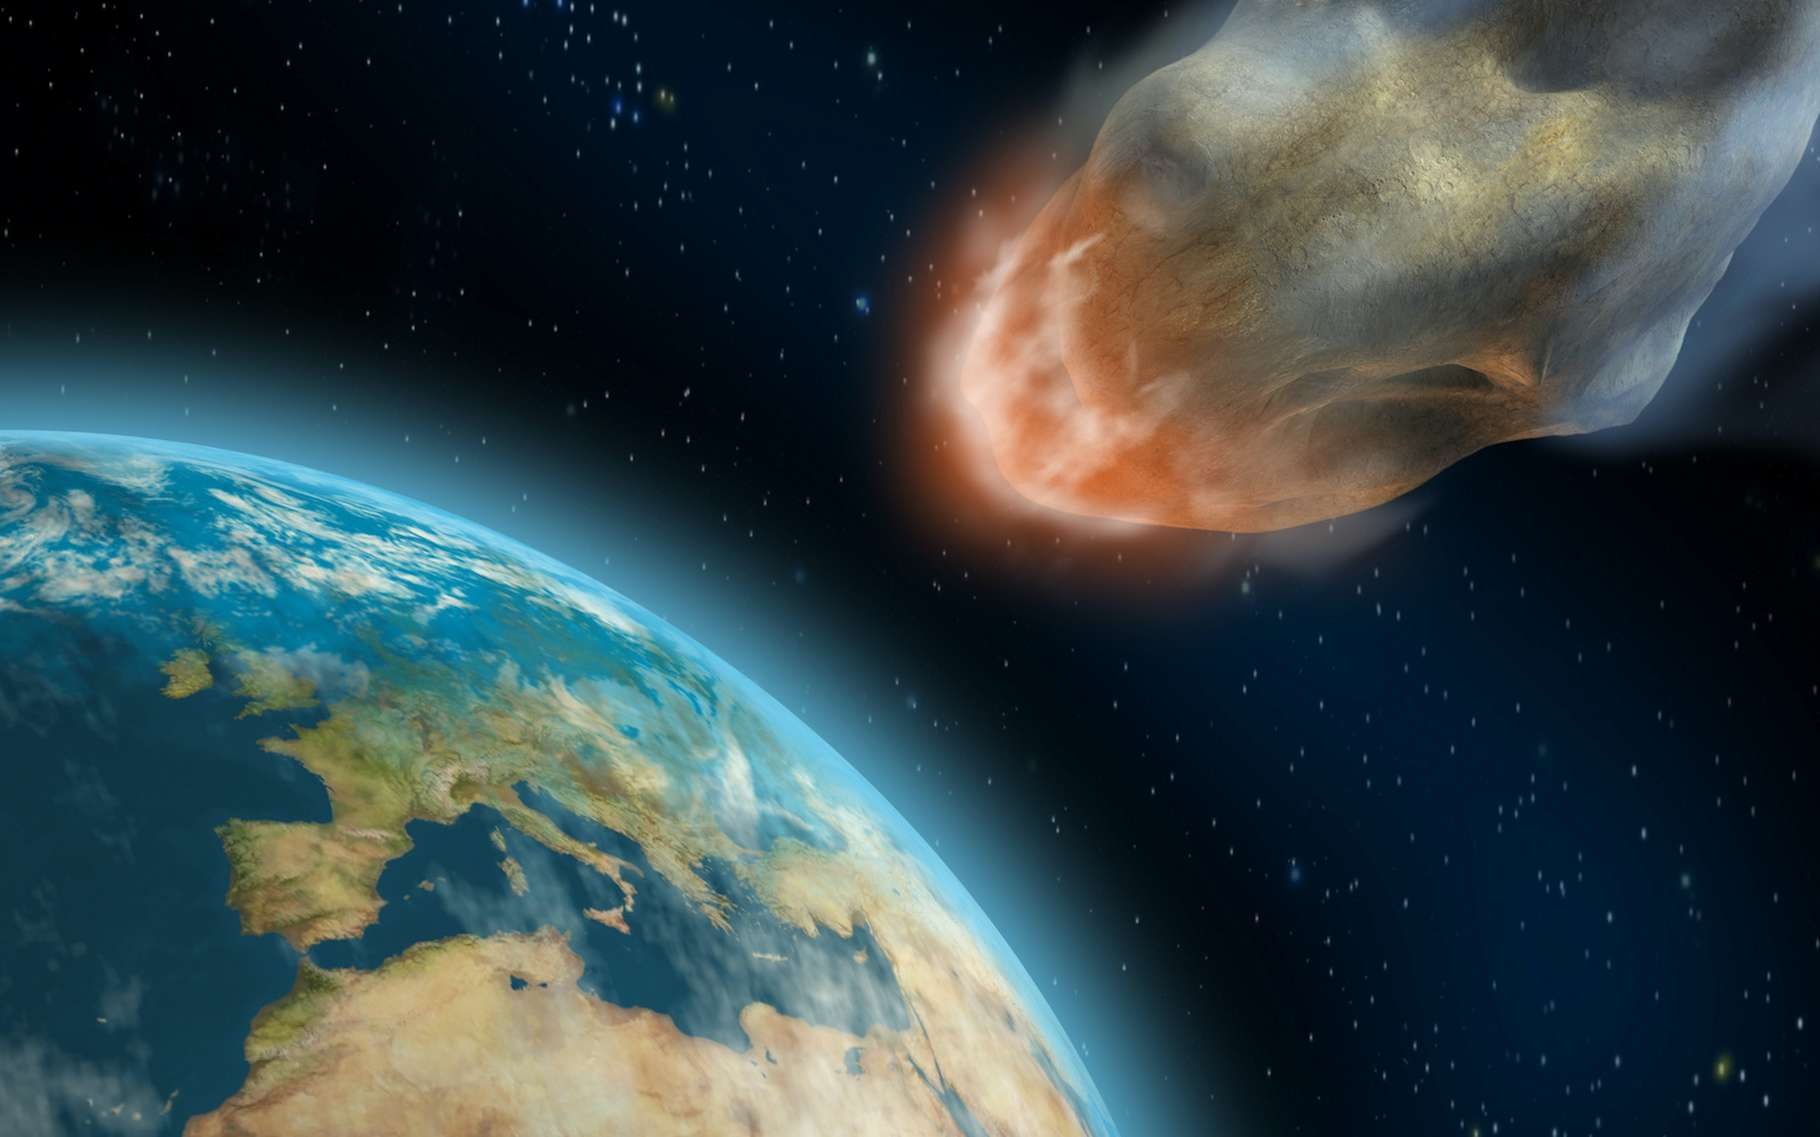 À l'occasion de la dernière Planetary Defense Conference, des scientifiques ont participé à un exercice visant à éviter le pire à notre Terre alors qu'un astéroïde la menaçait. Ils ont échoué. © Andrea Danti, Adobe Stock